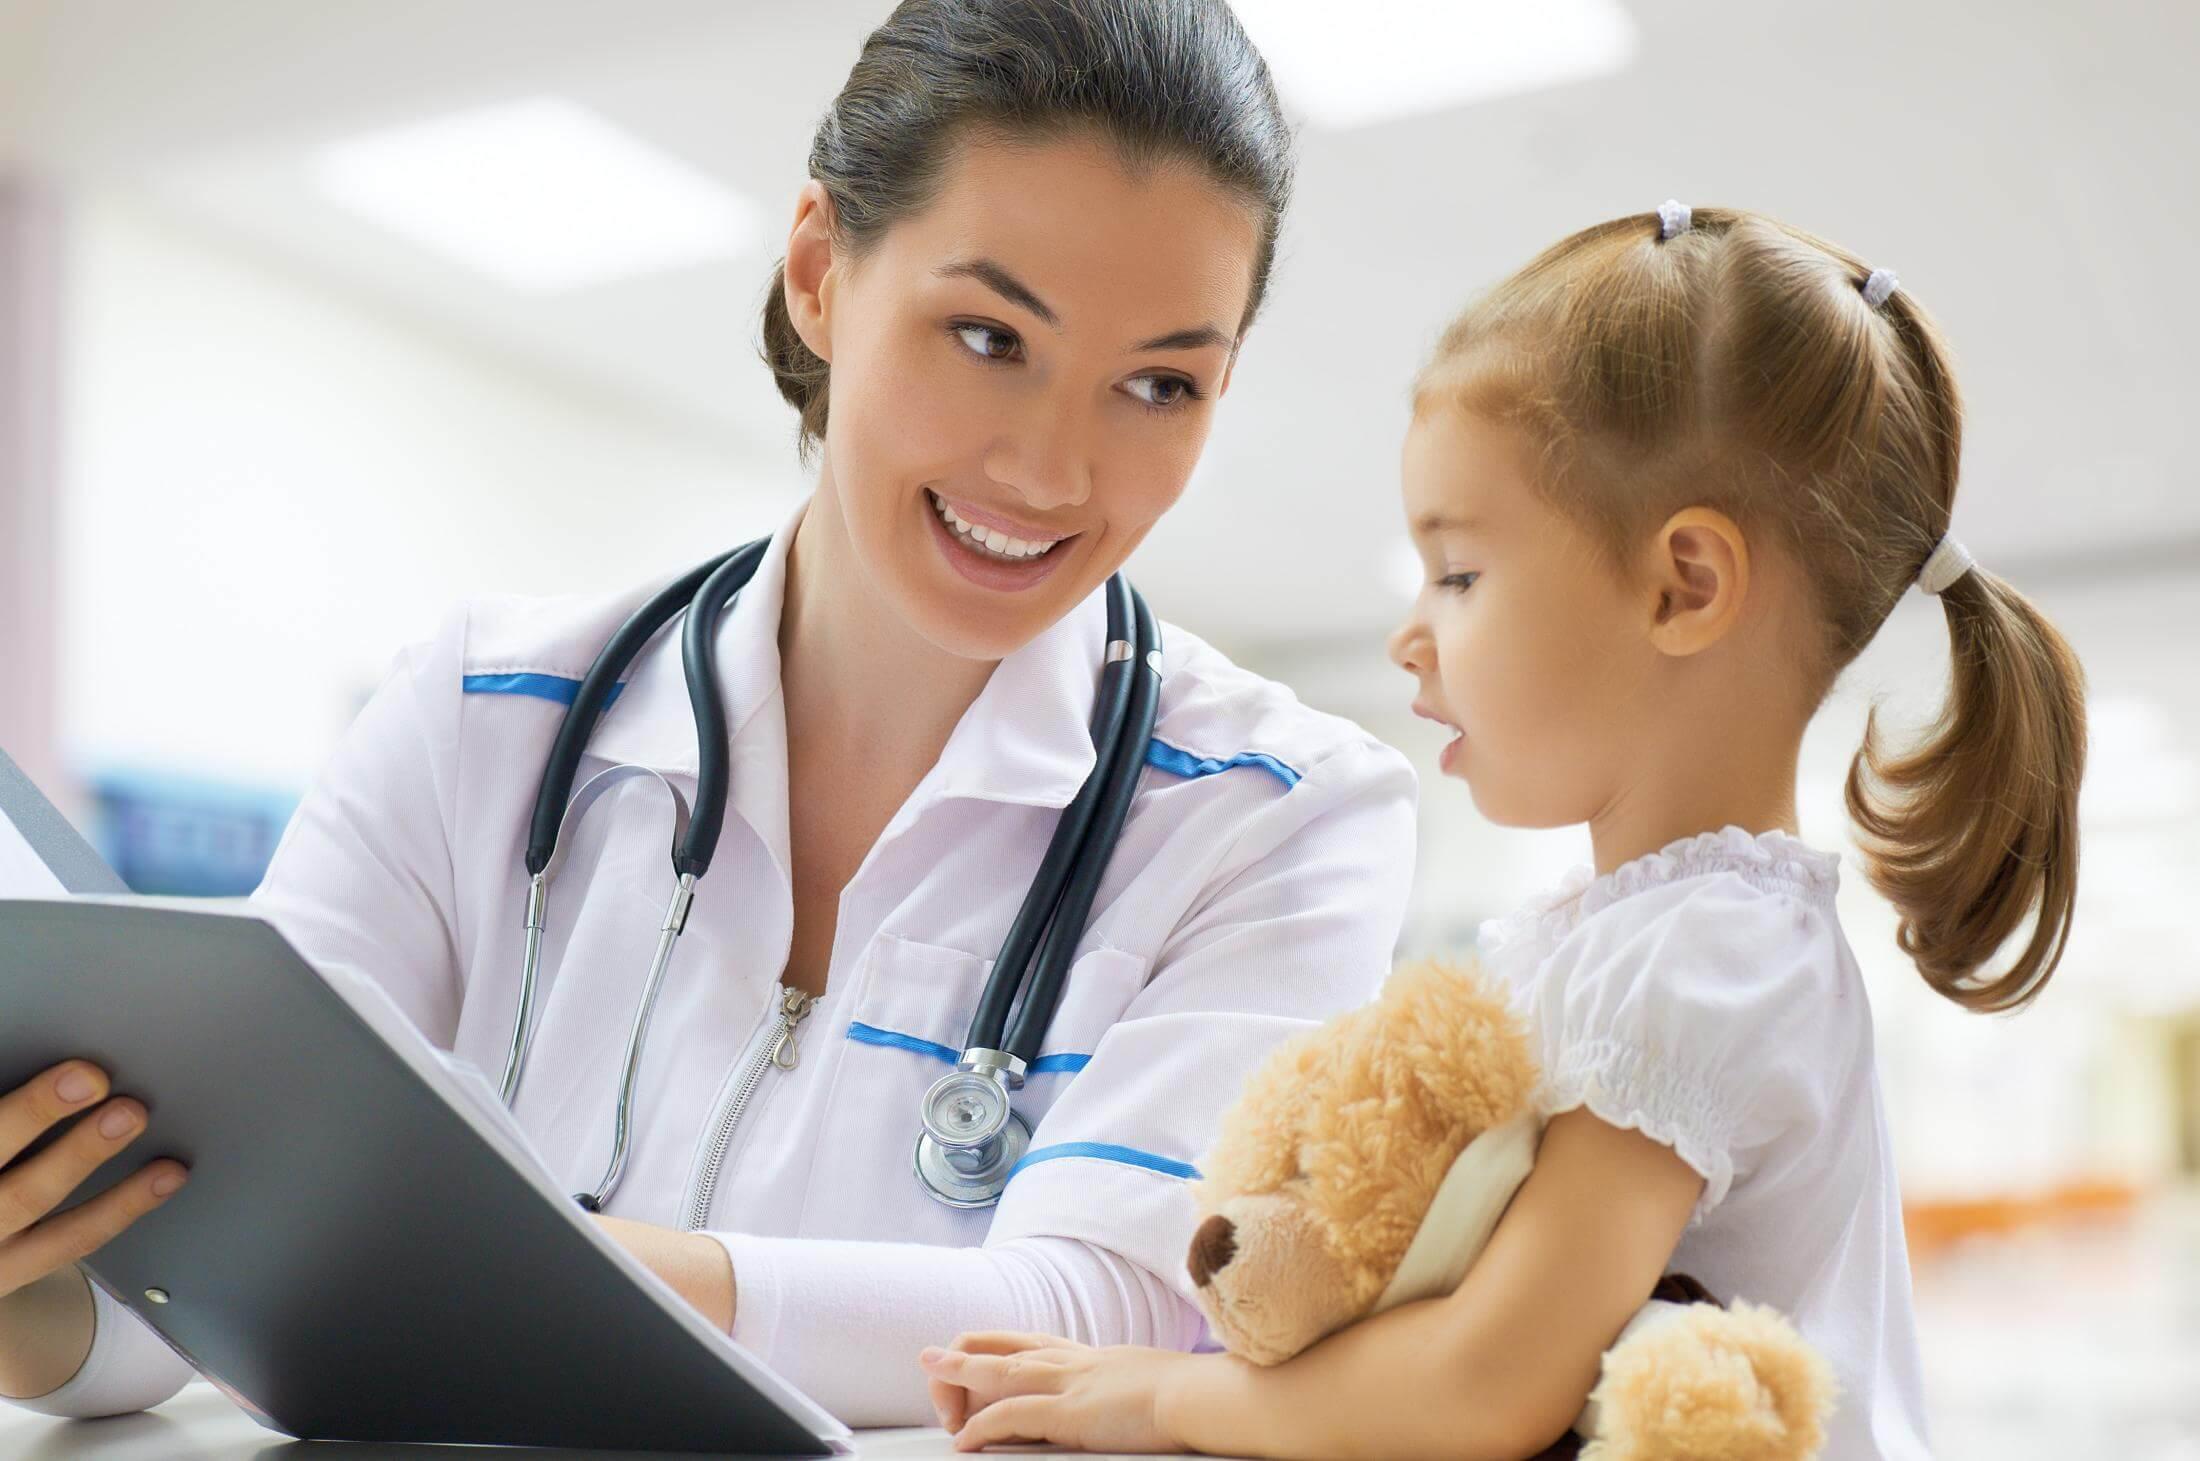 Pediatric Billing Services